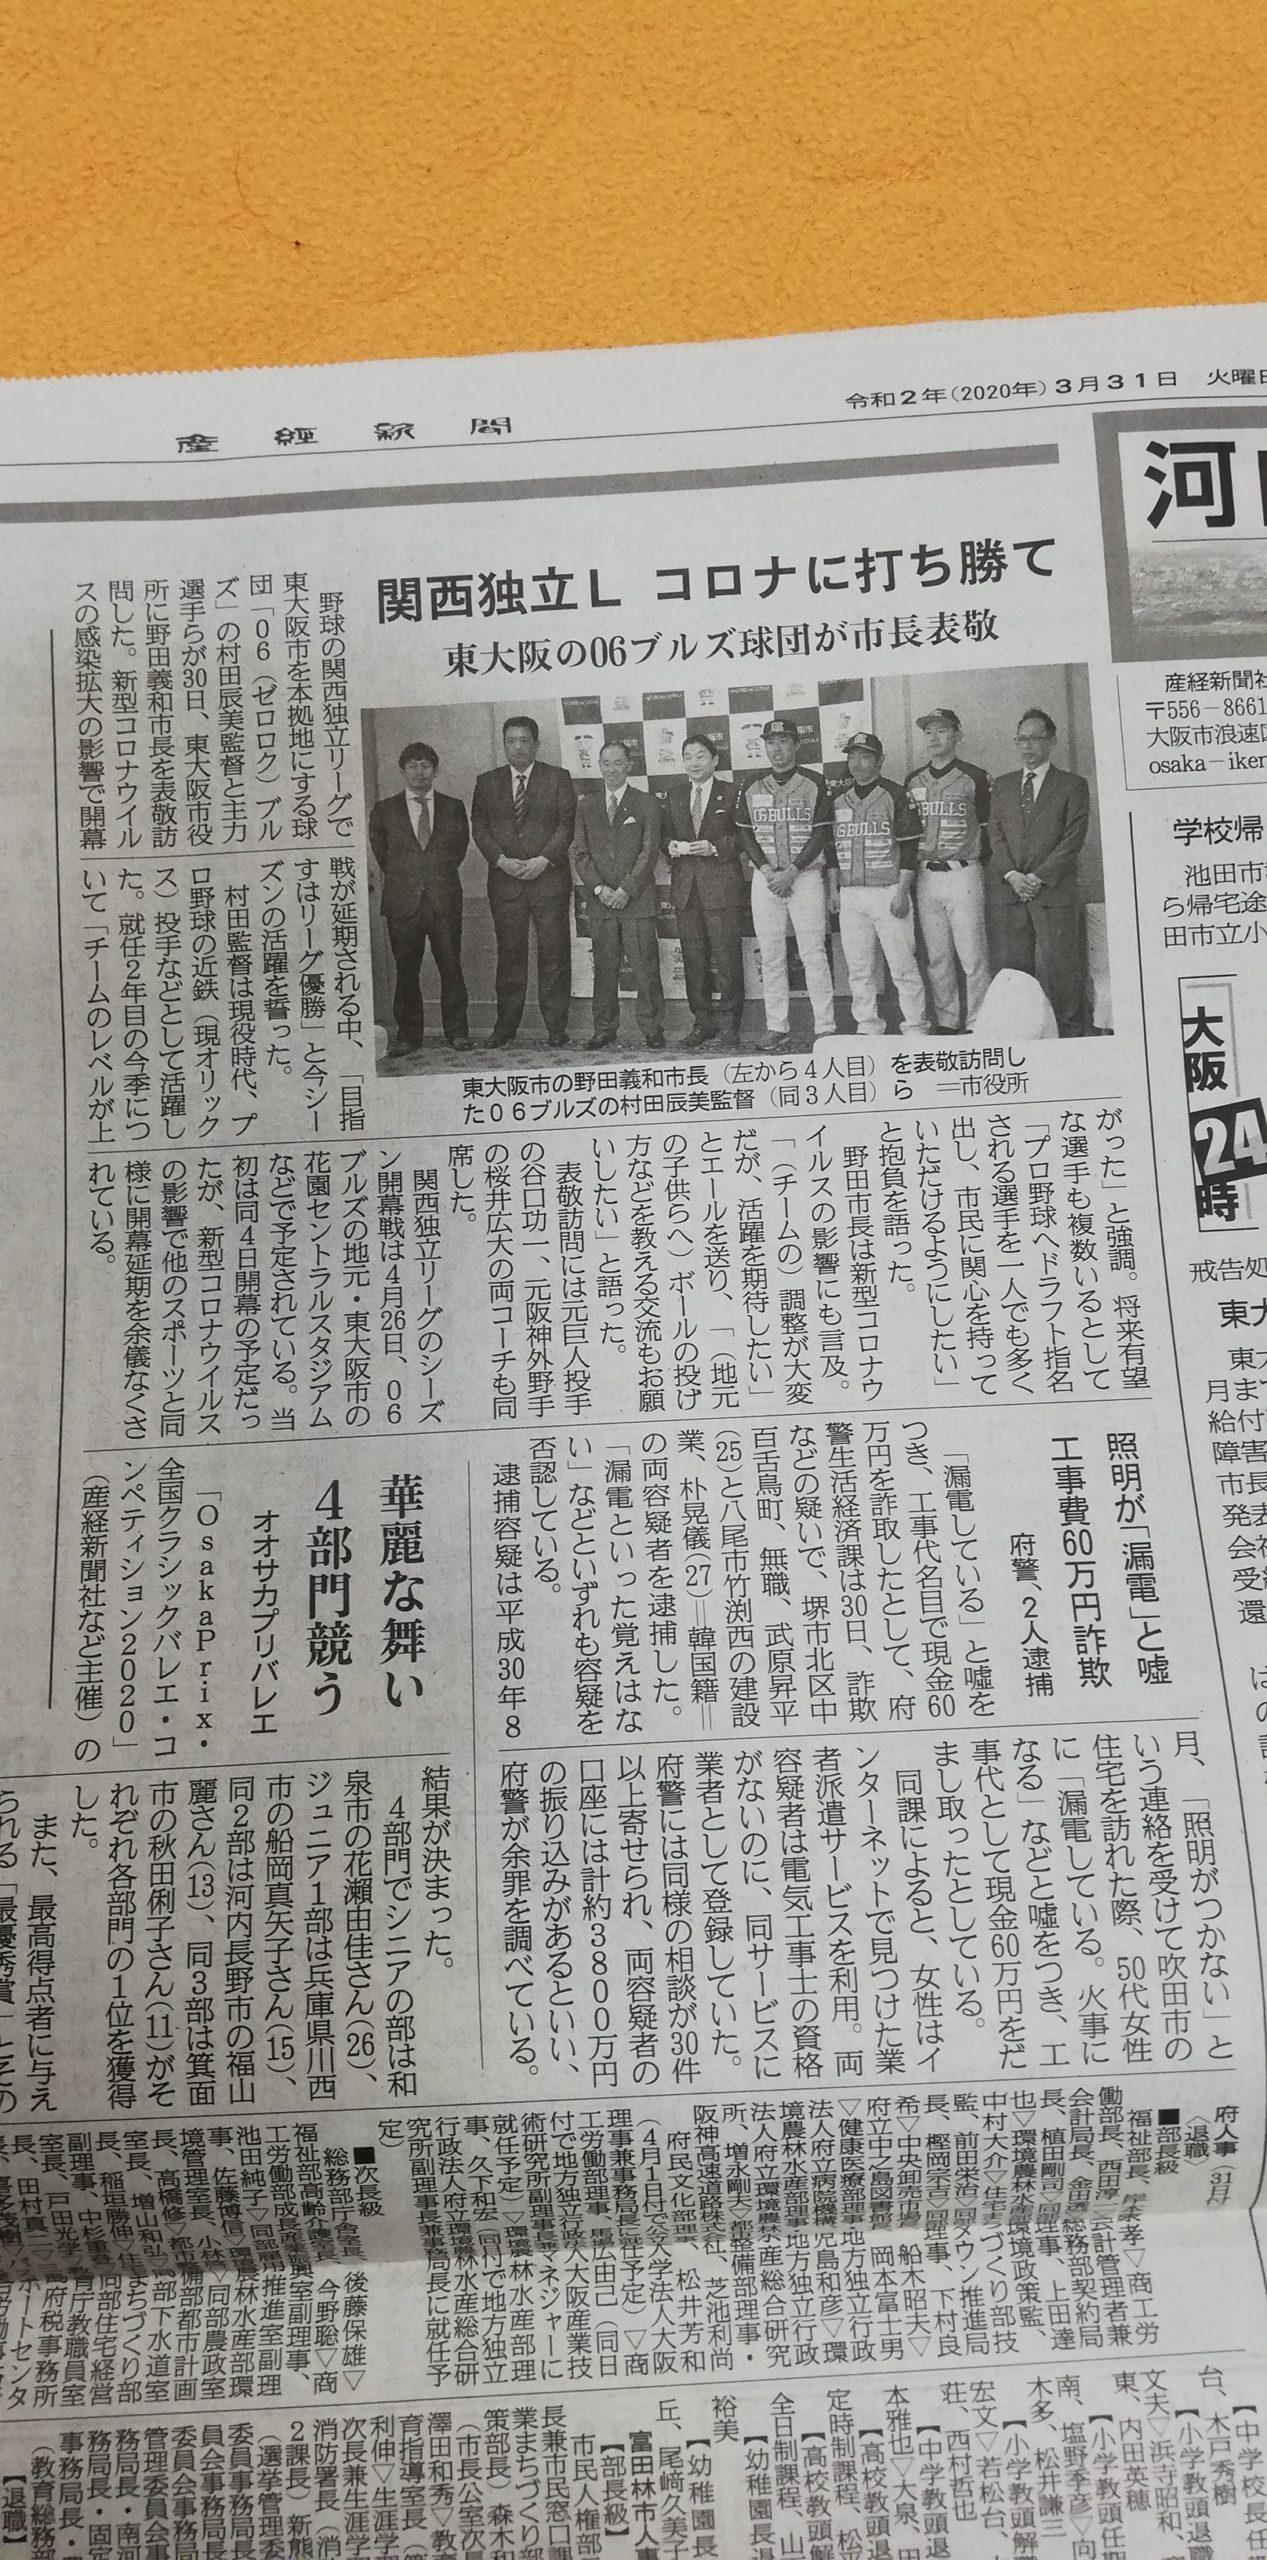 06ブルズ表敬訪問 産経新聞 3/31